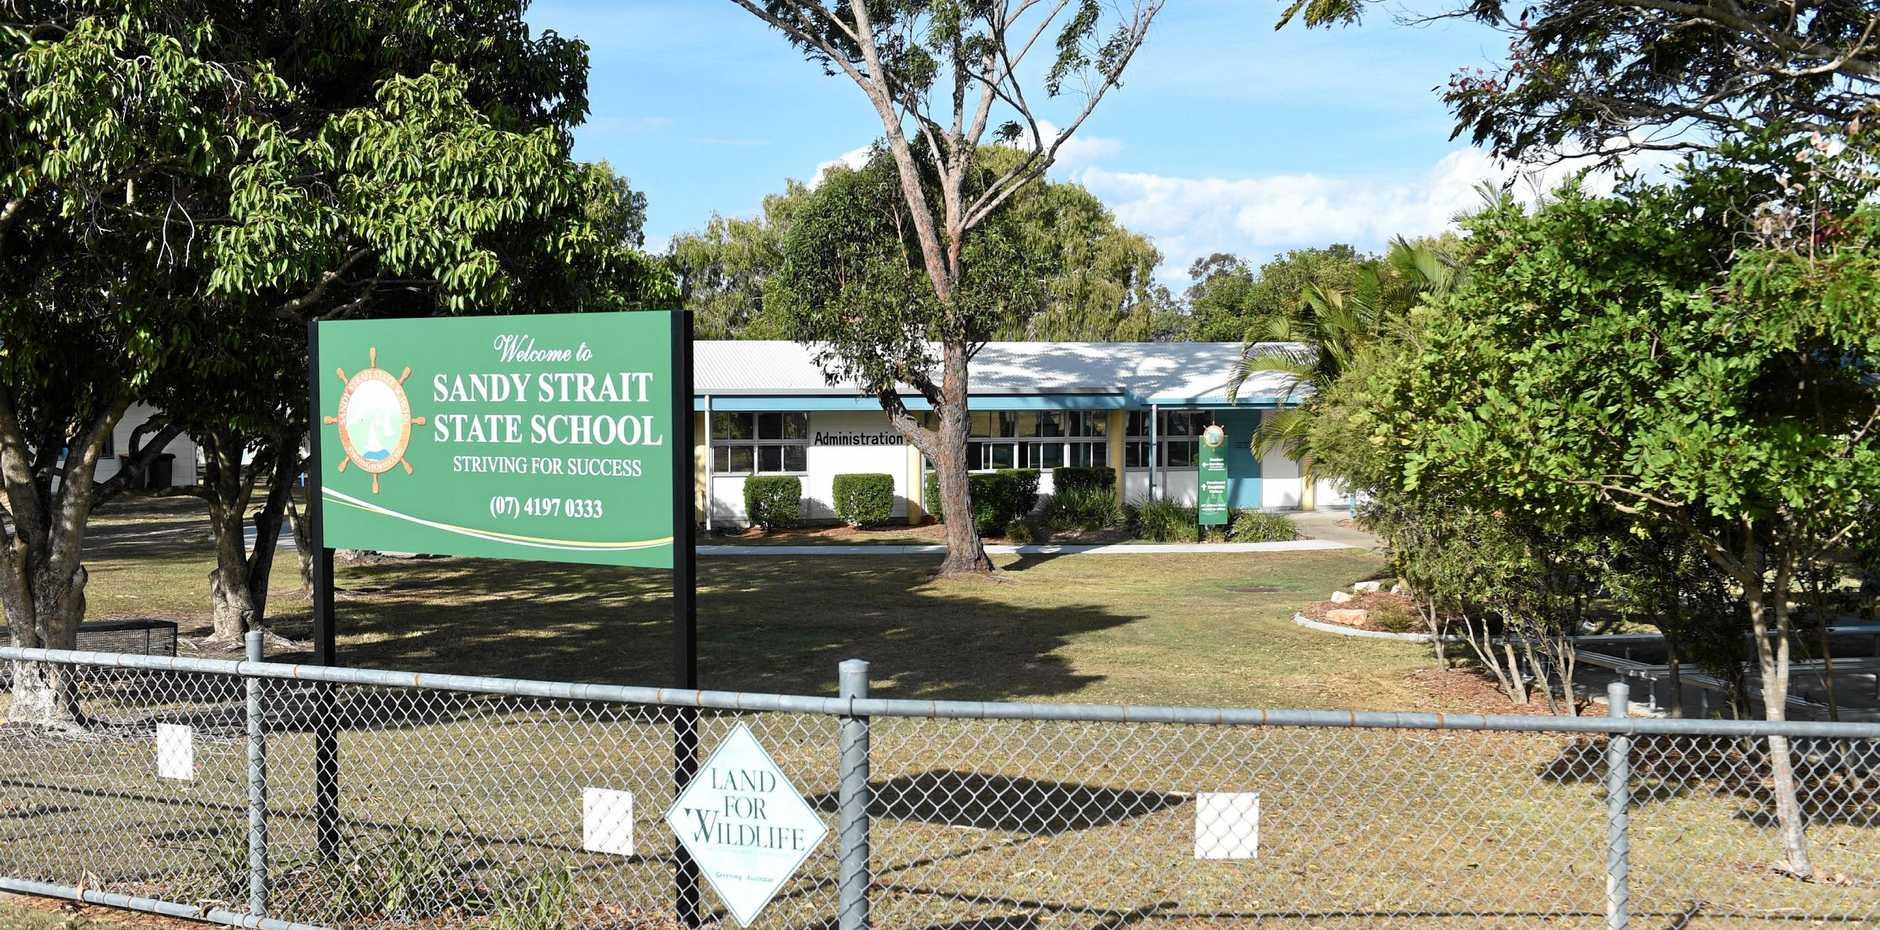 Sandy Strait State School.